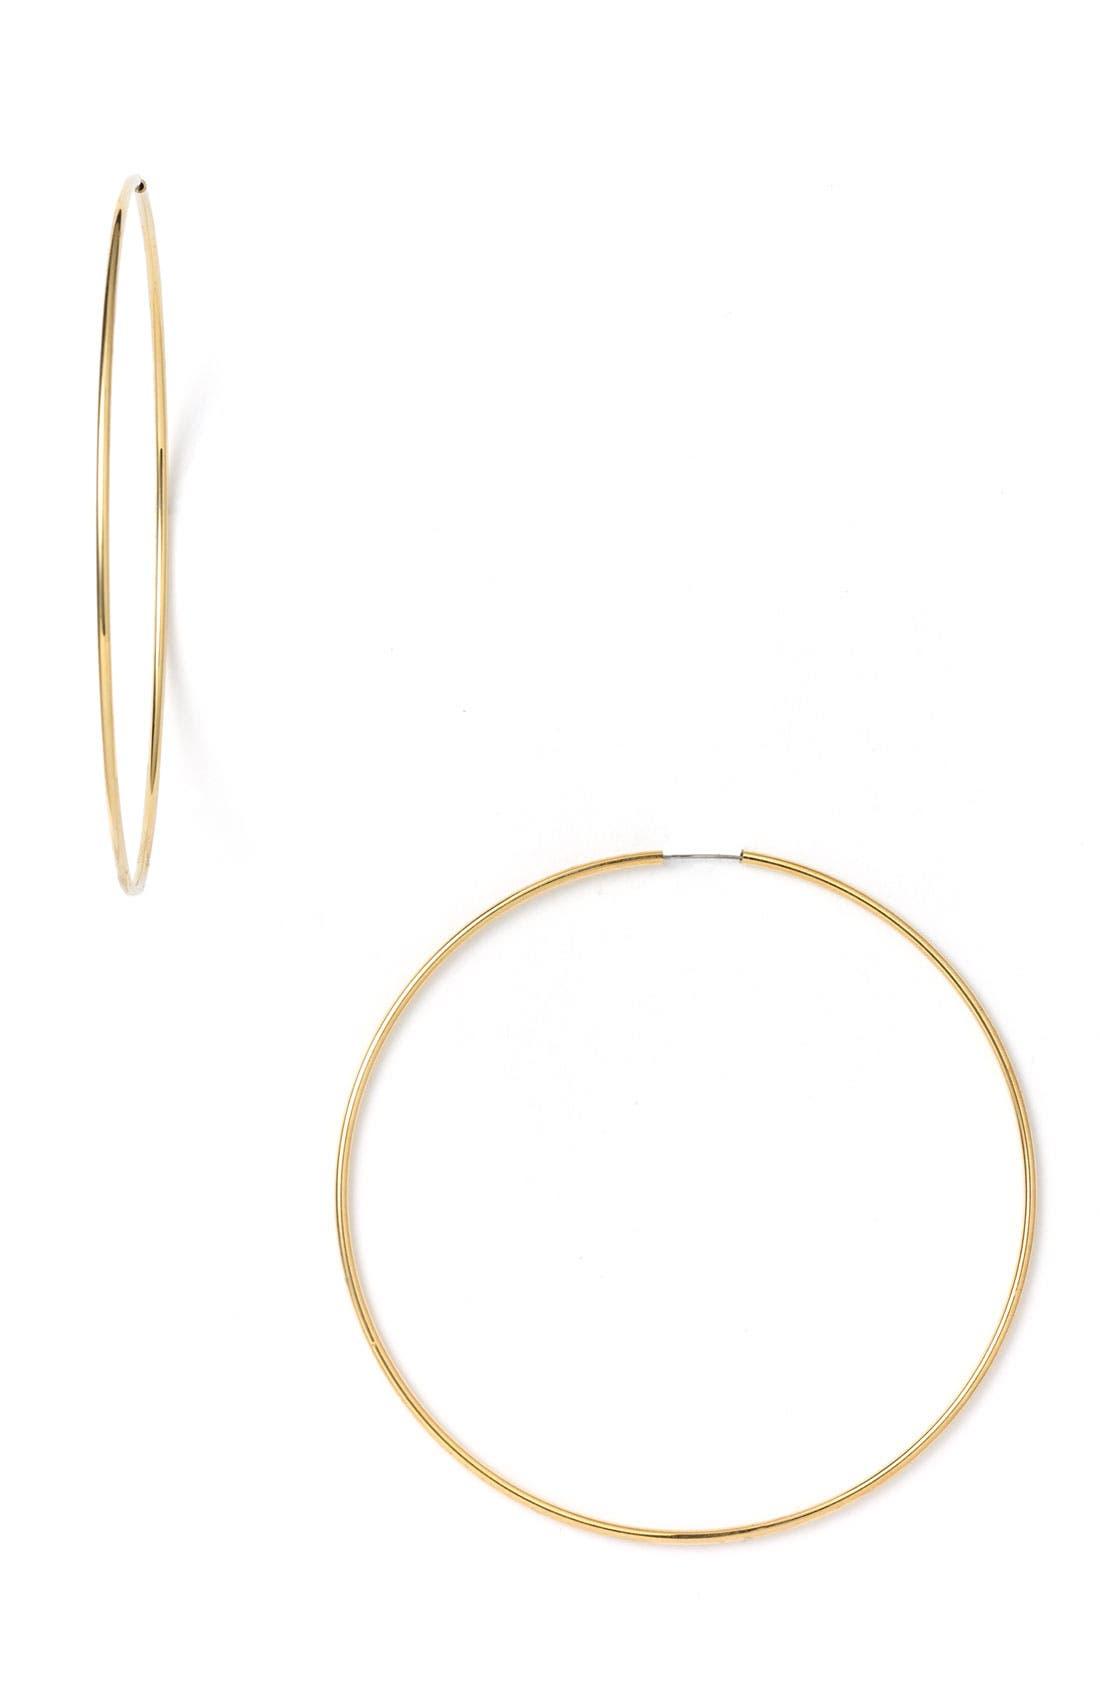 Main Image - Nordstrom Endless Oversized Hoop Earrings